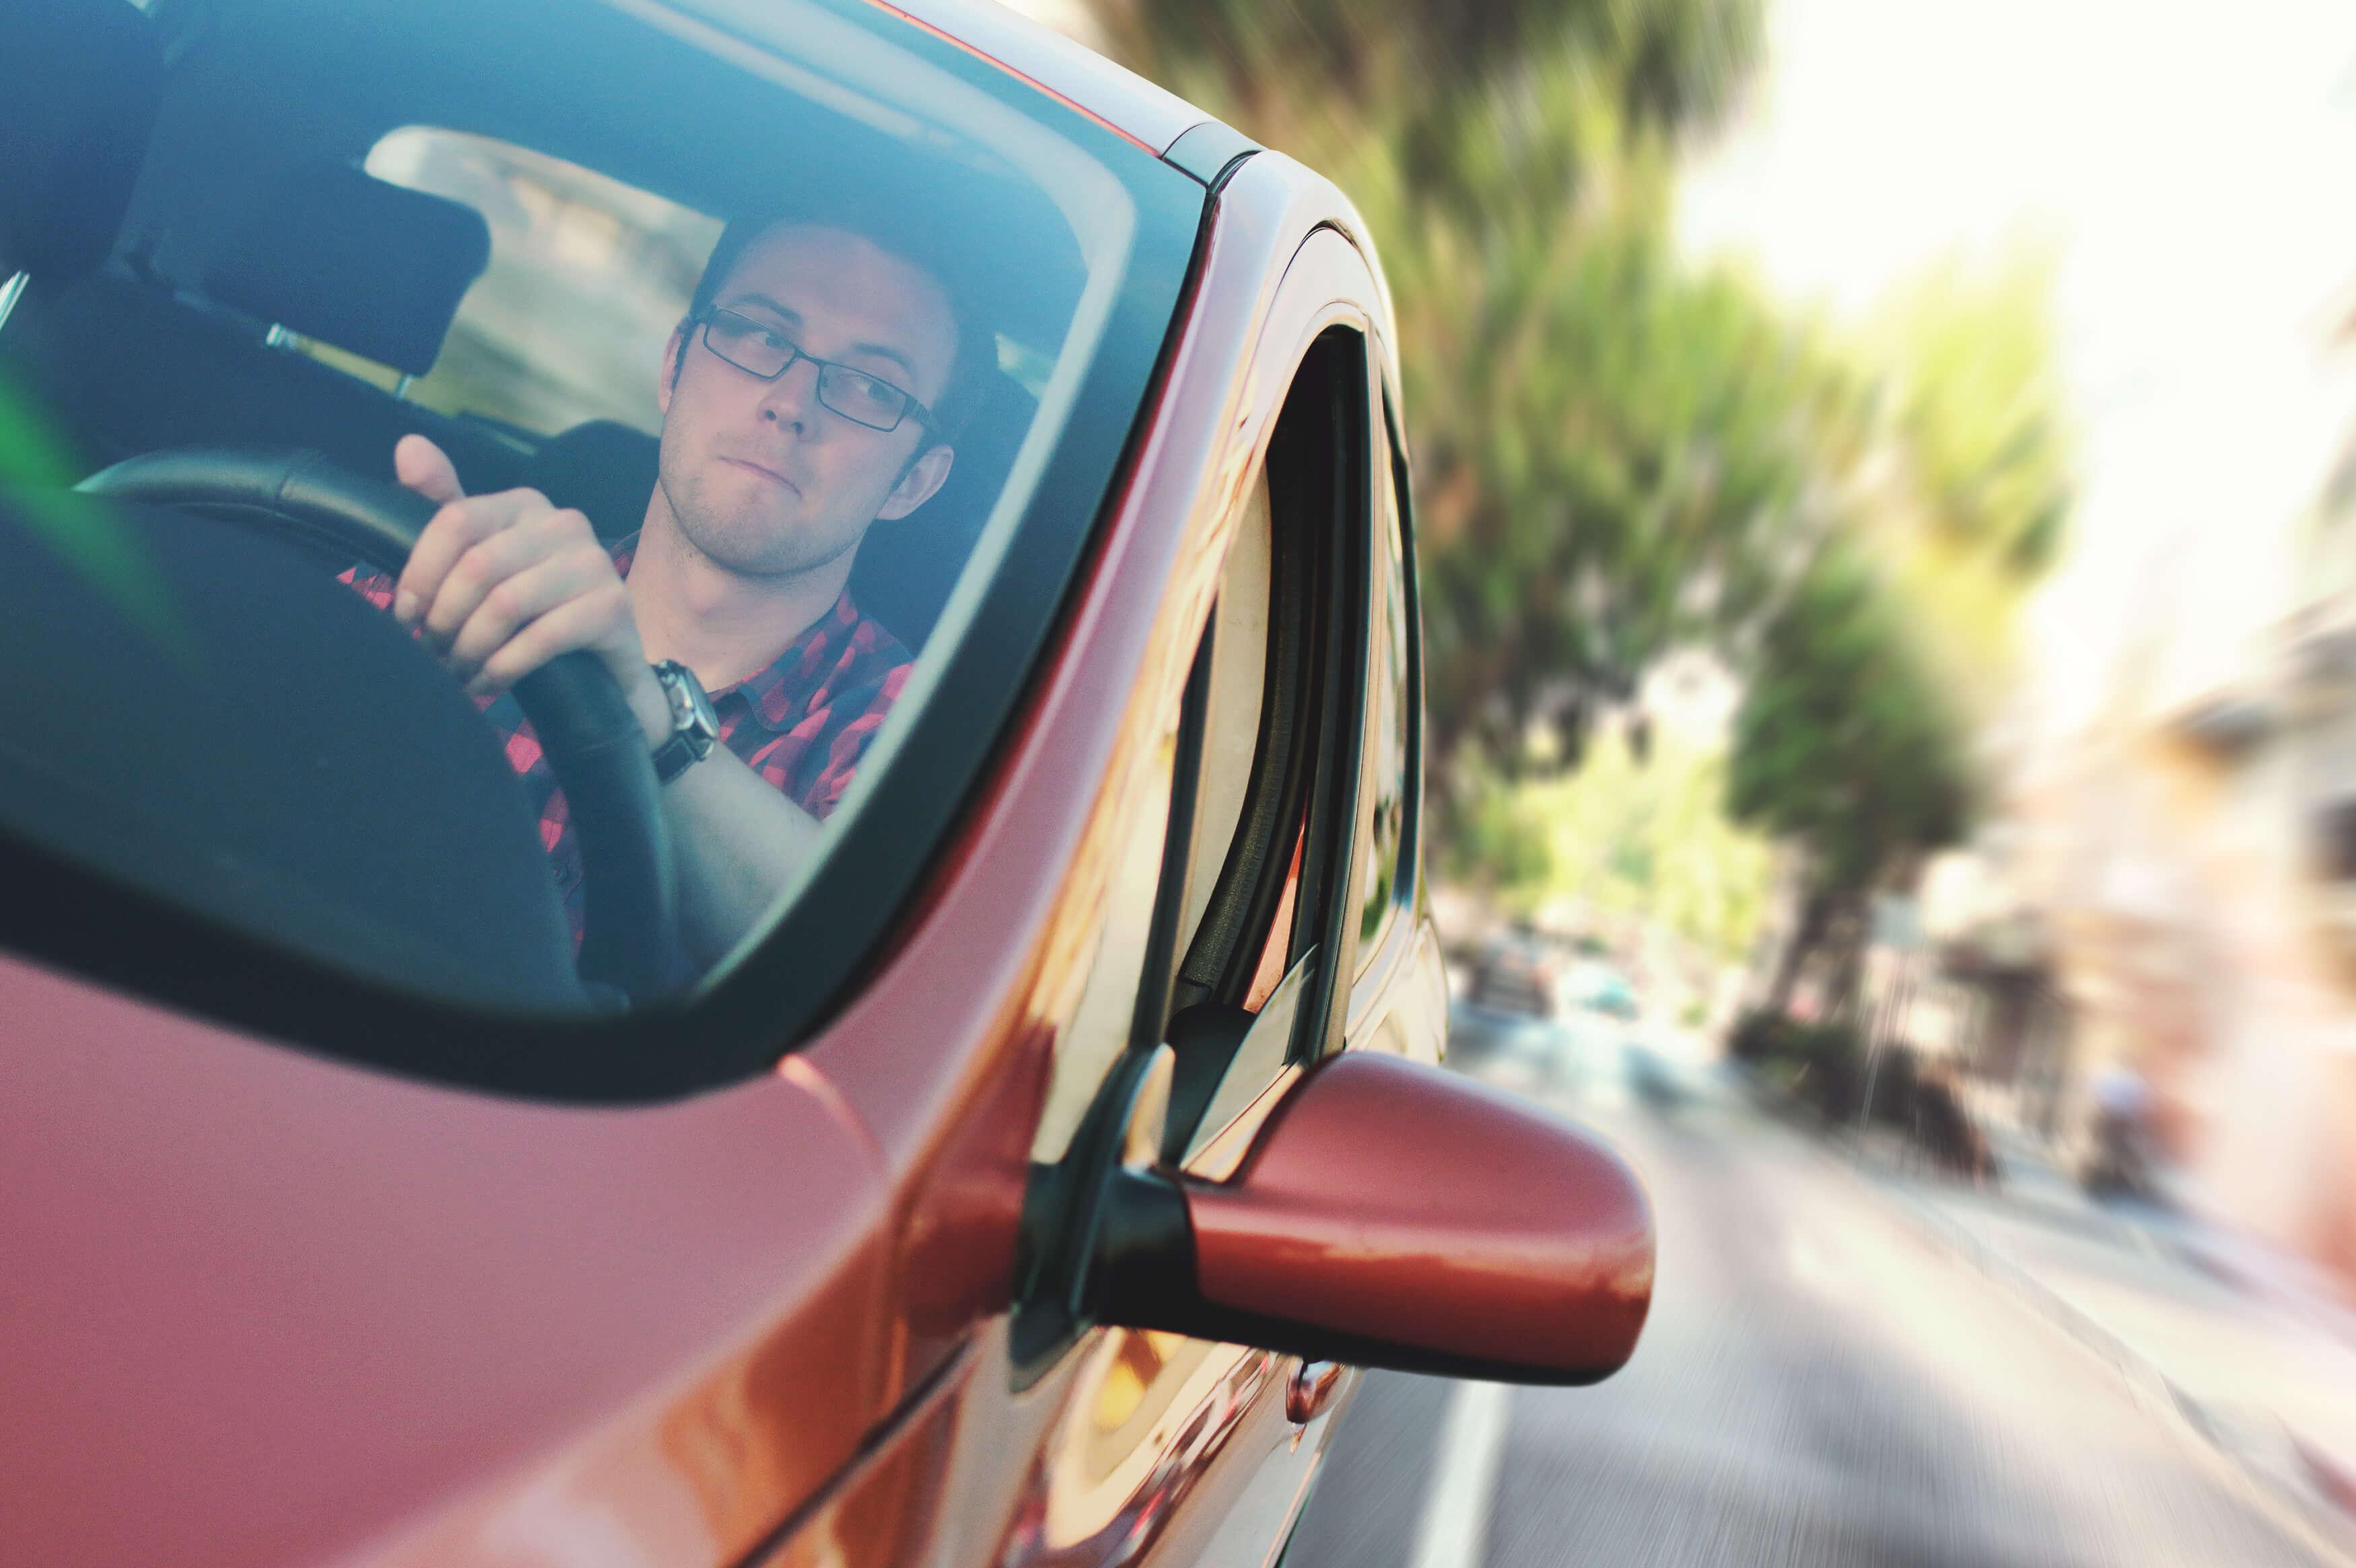 Regulating Driver Eye Tests